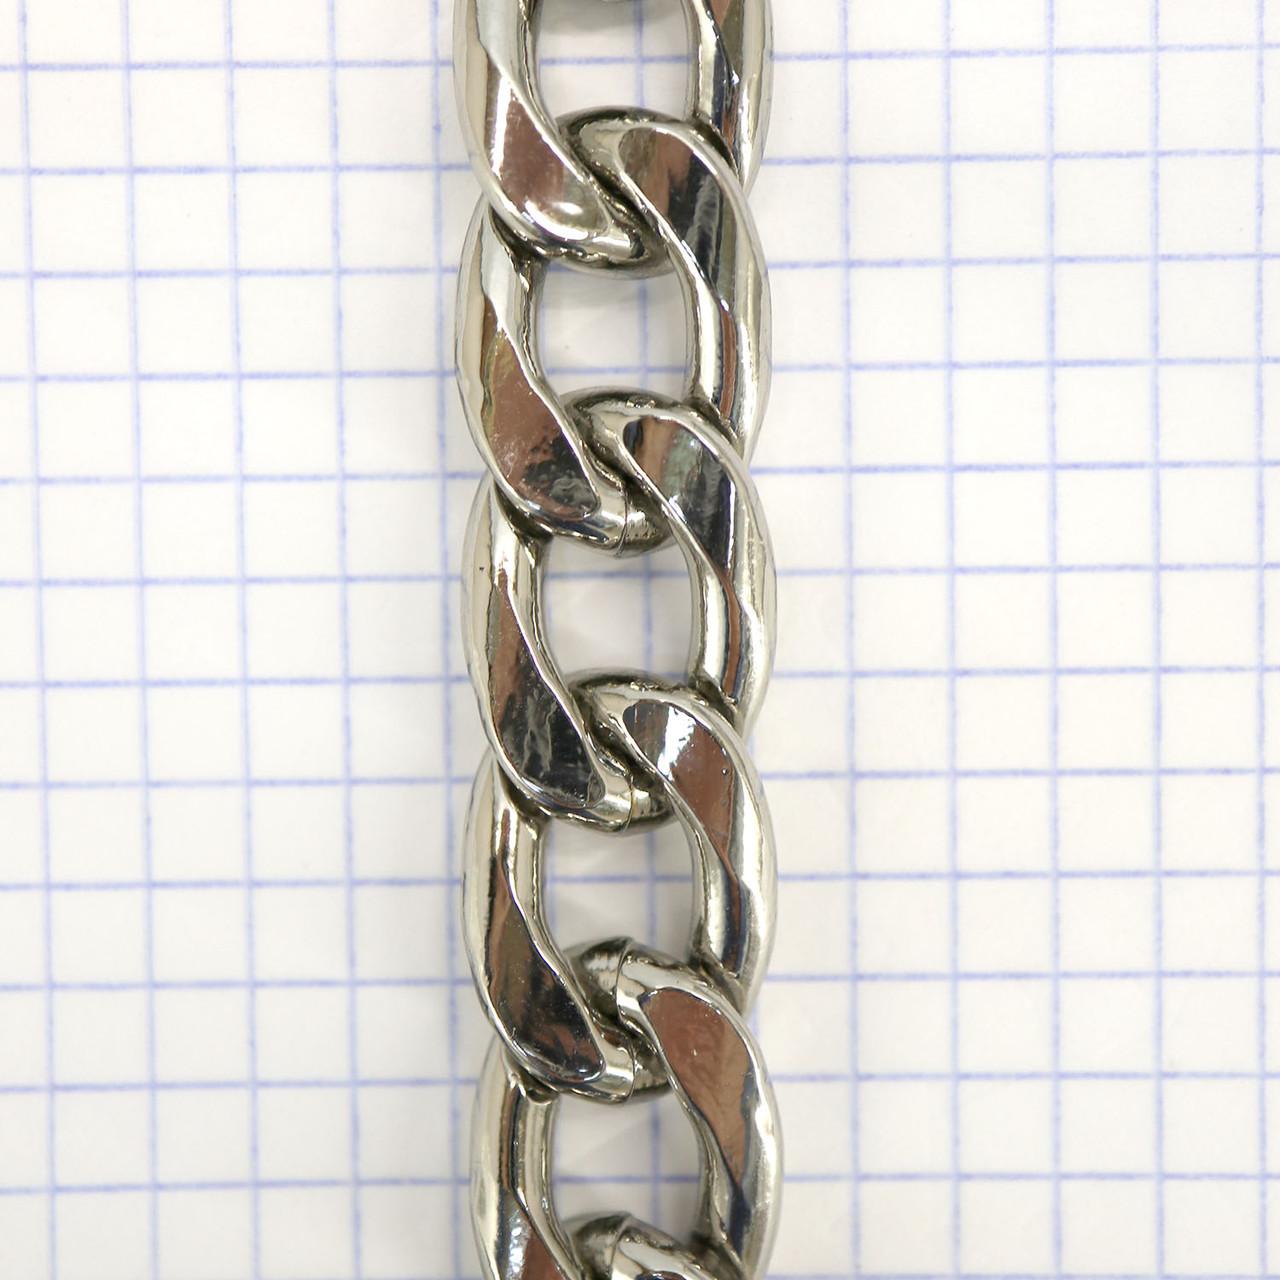 Цепь металлическая никель для сумок крупная a6098